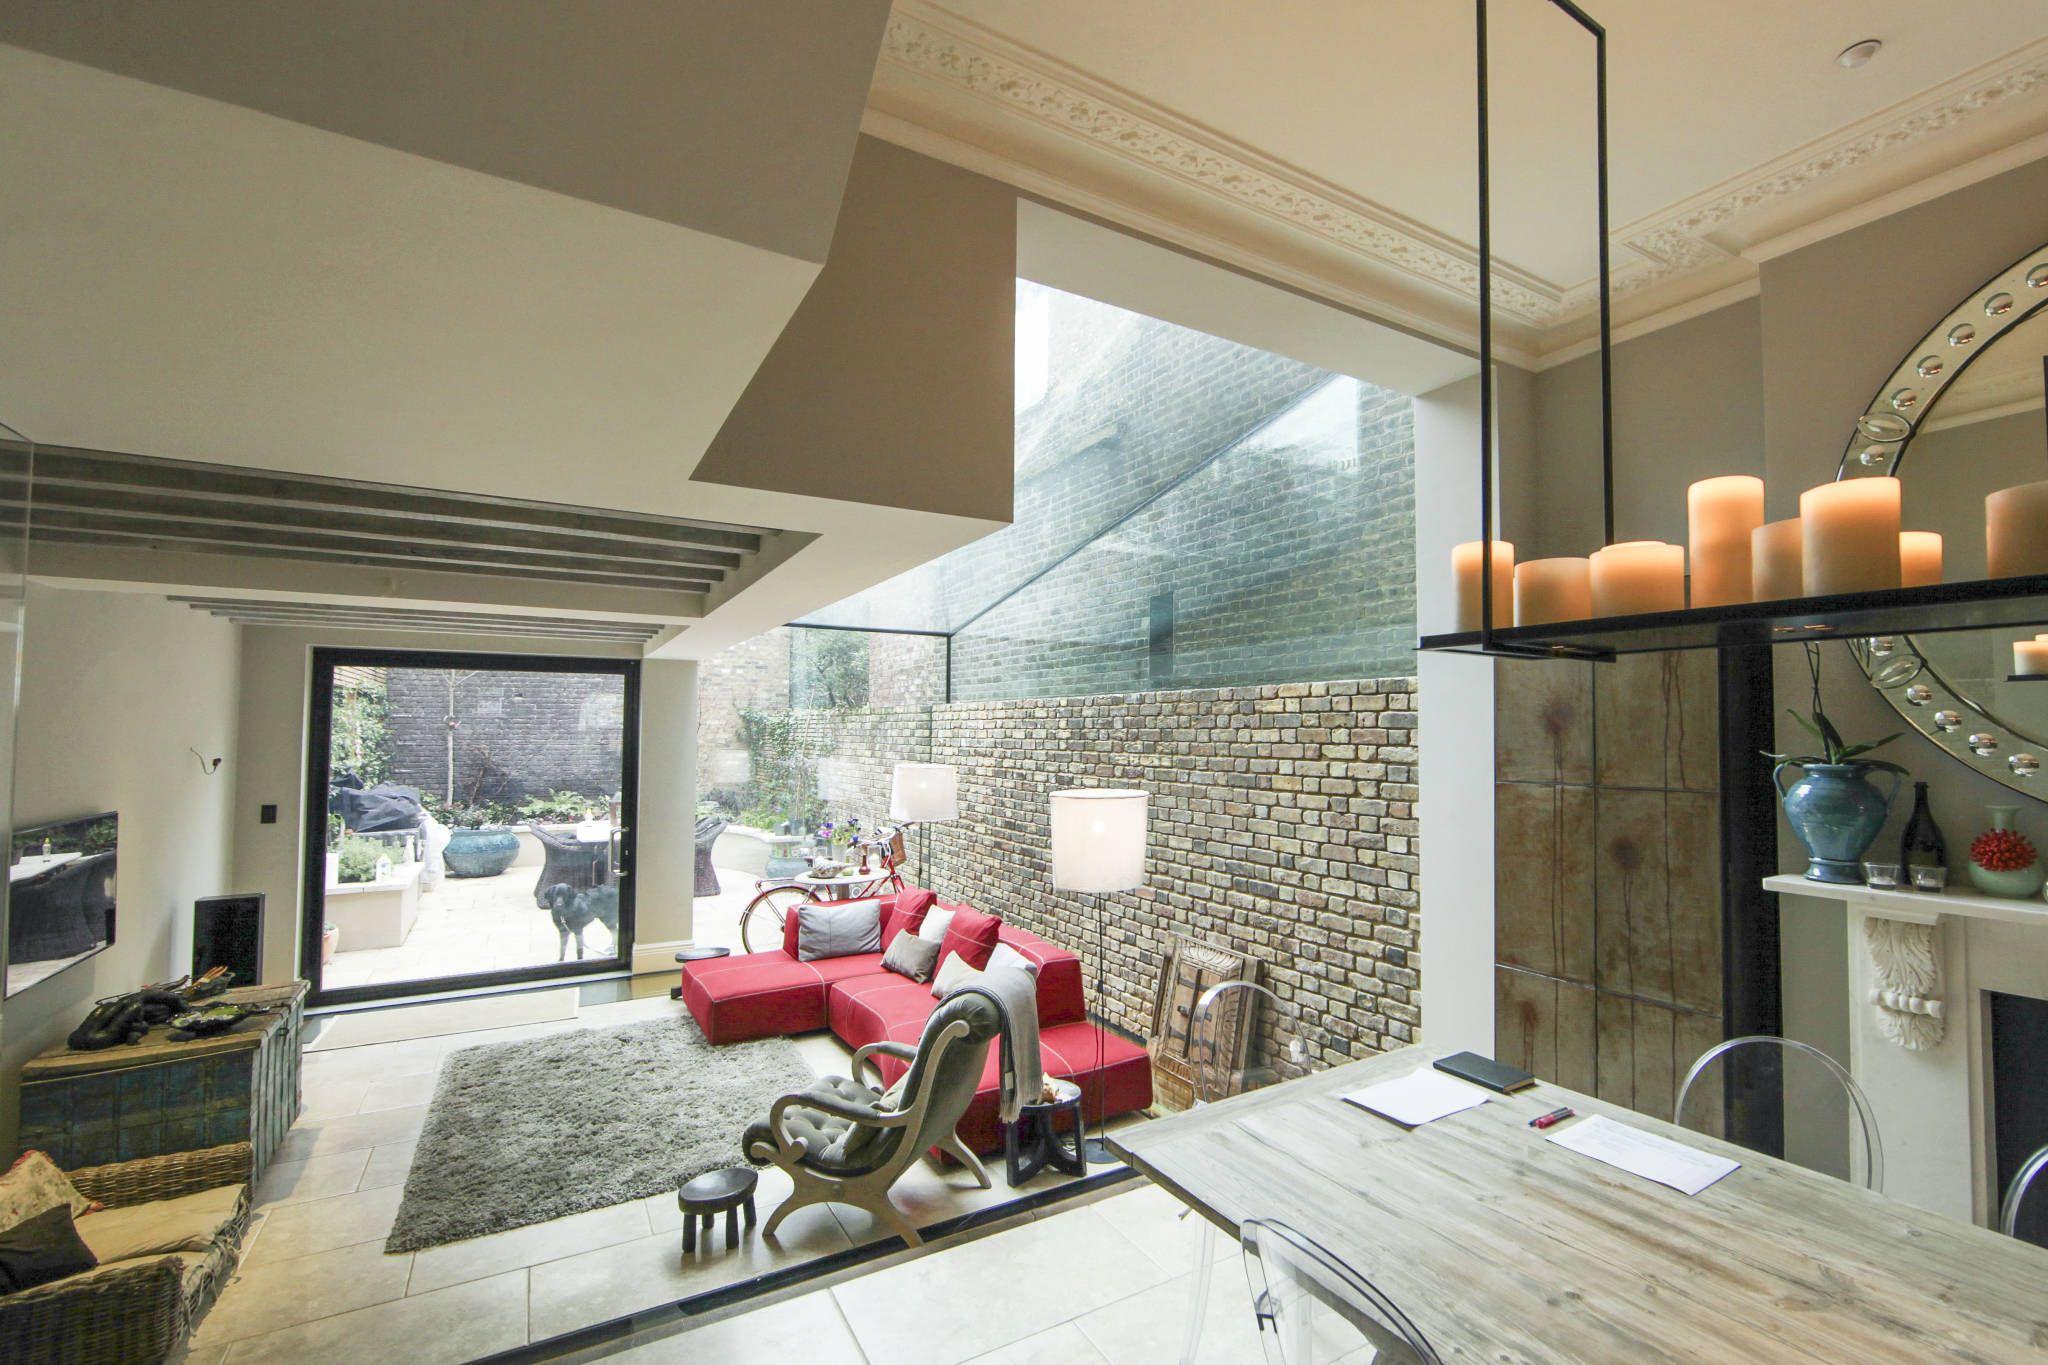 Interior Design Ideas Redecorating u0026 Remodeling Photos